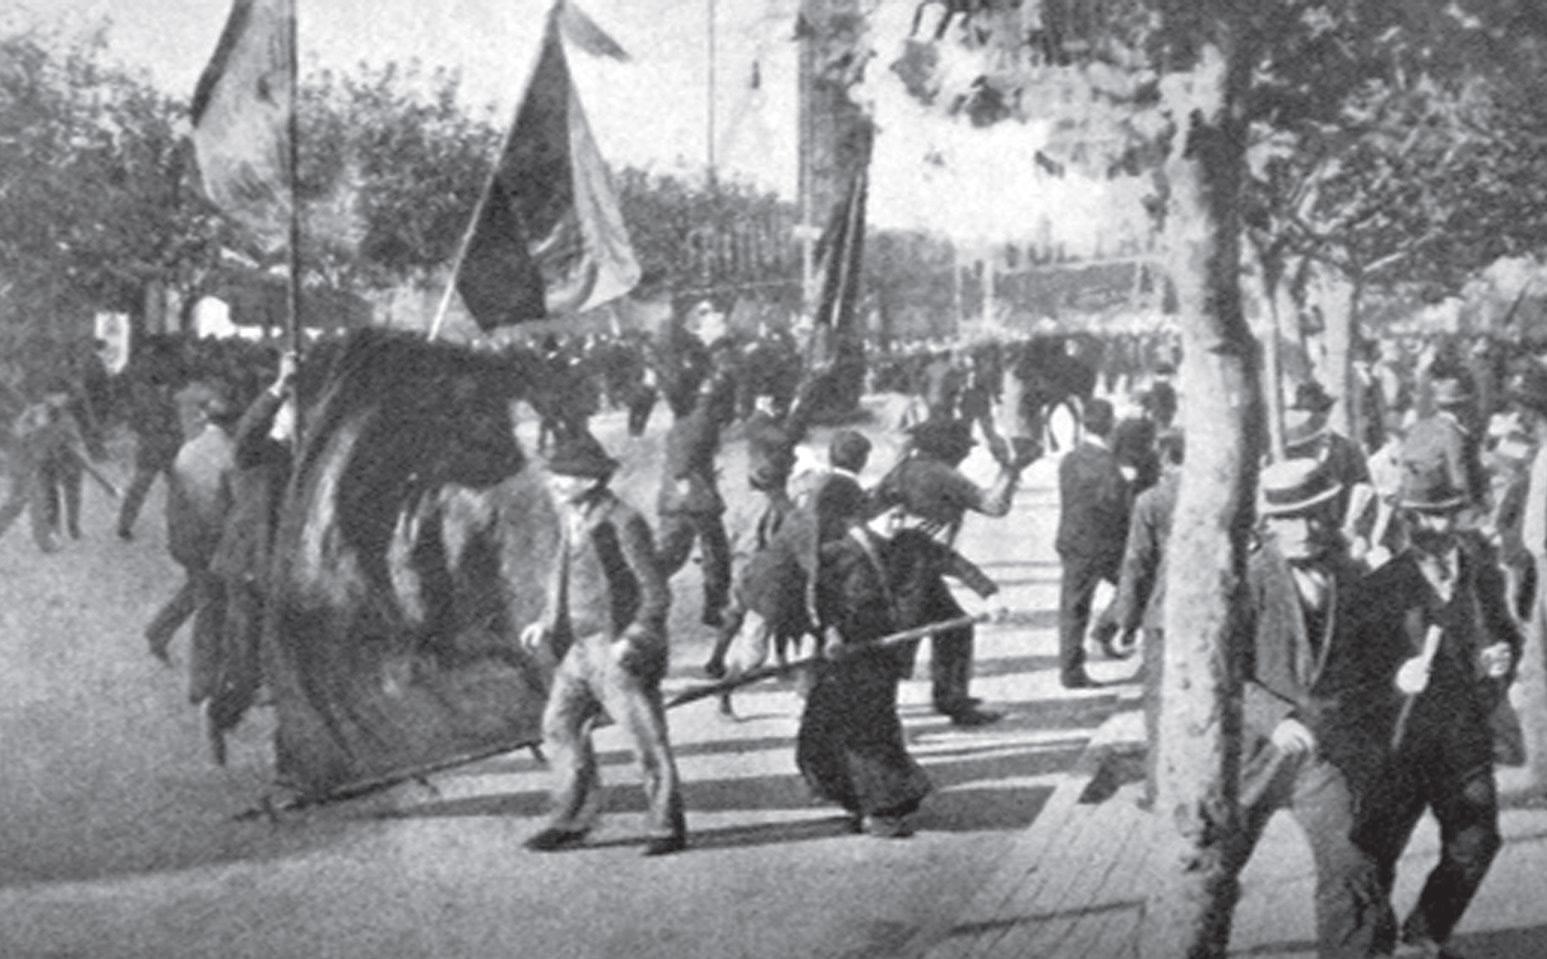 El rojo sueño del porvenir La huelga general de 1909 y la historiografía  académica argentina – Razón y Revolución